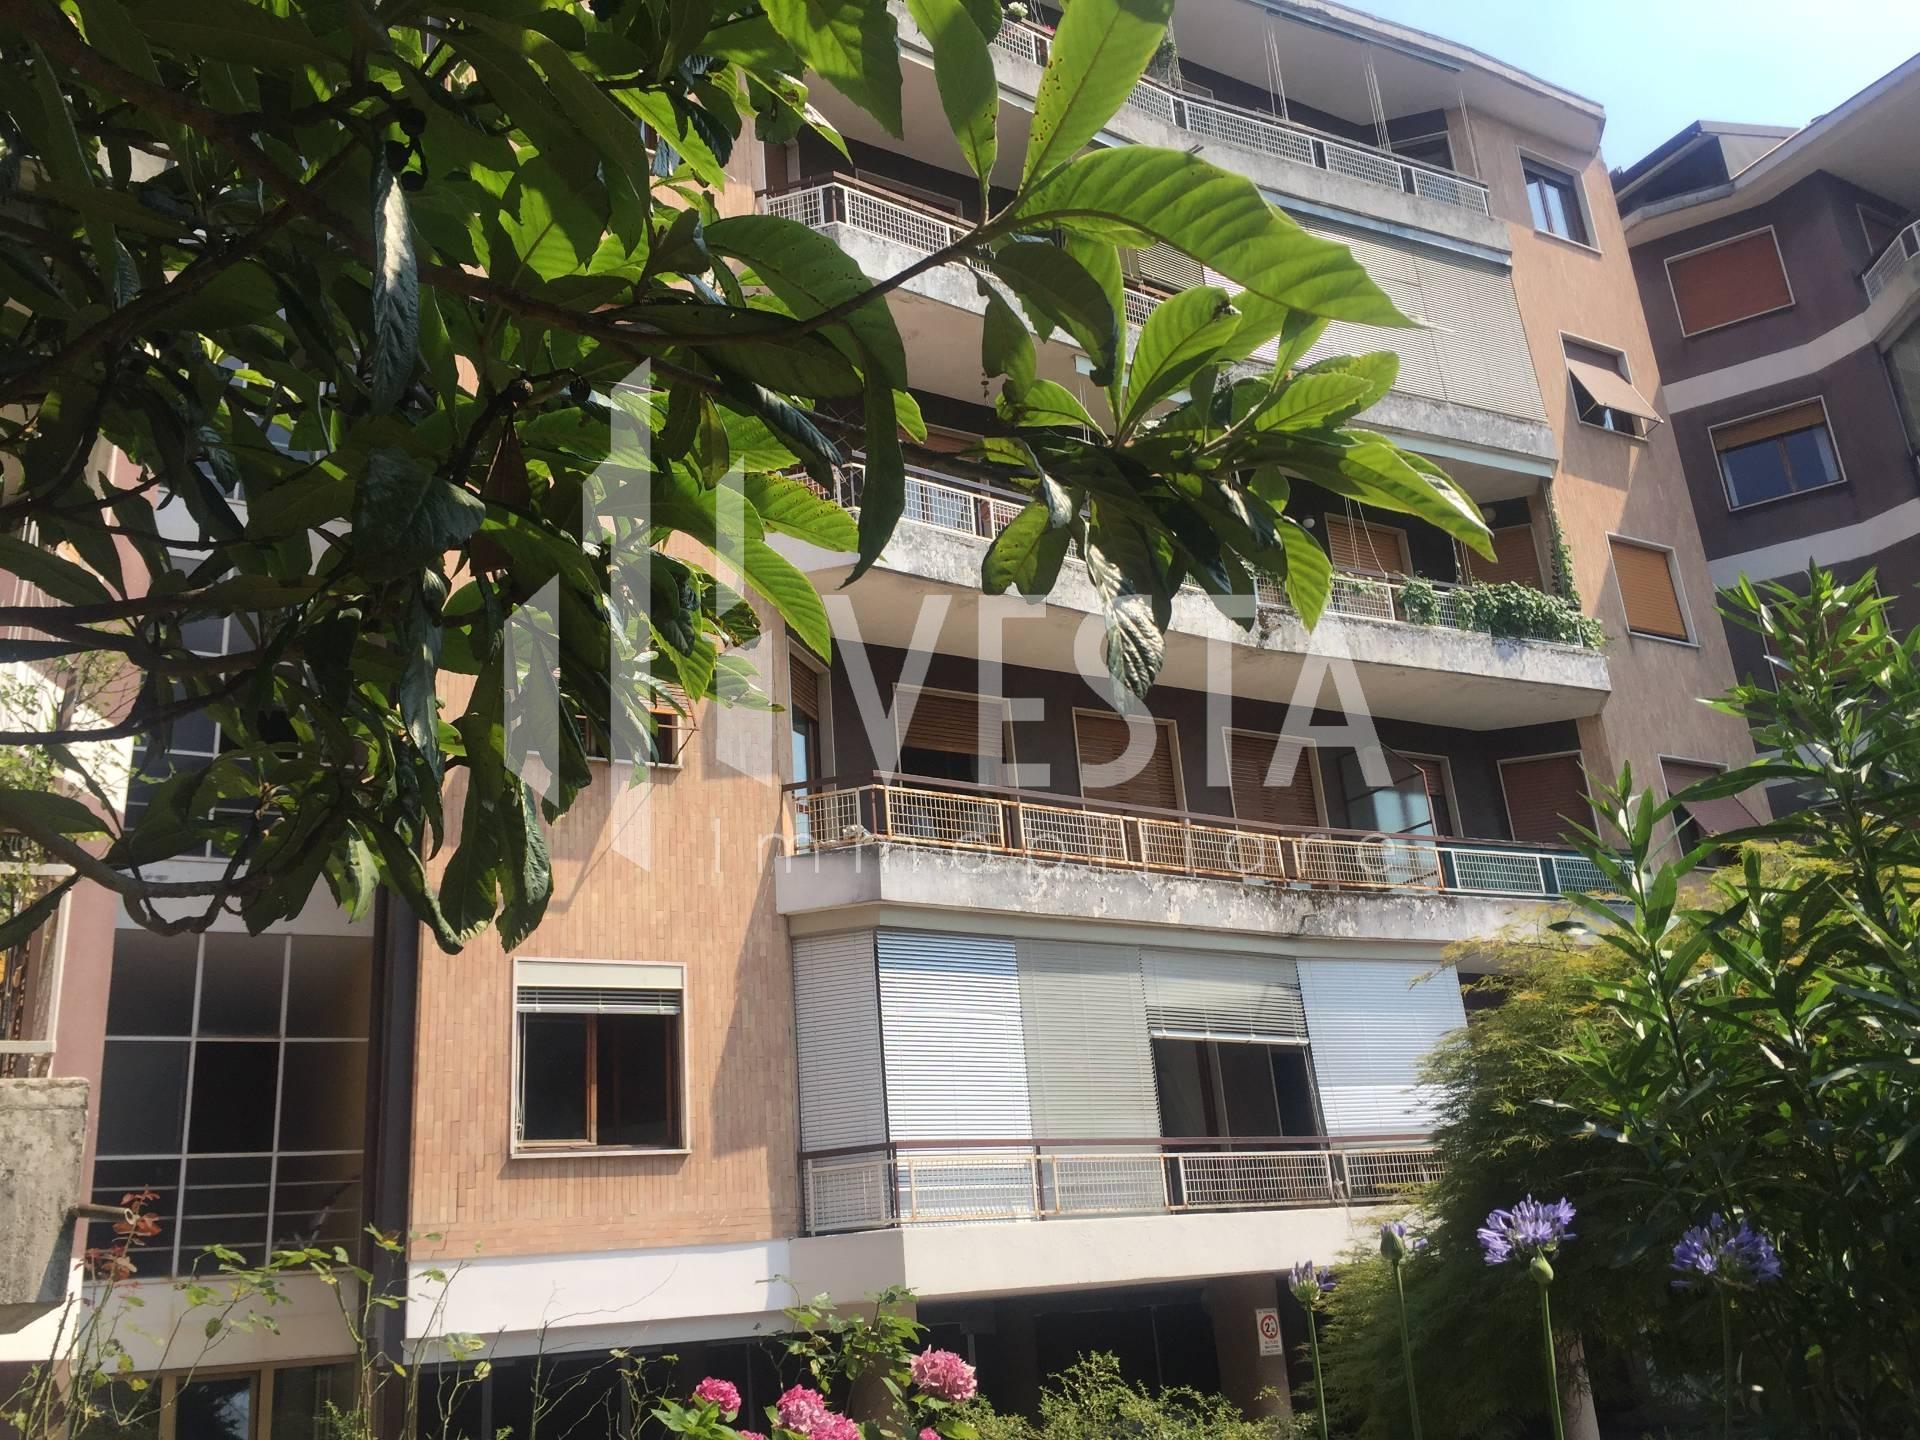 Appartamento in vendita a Merate, 3 locali, zona Località: CENTRO, prezzo € 130.000   CambioCasa.it